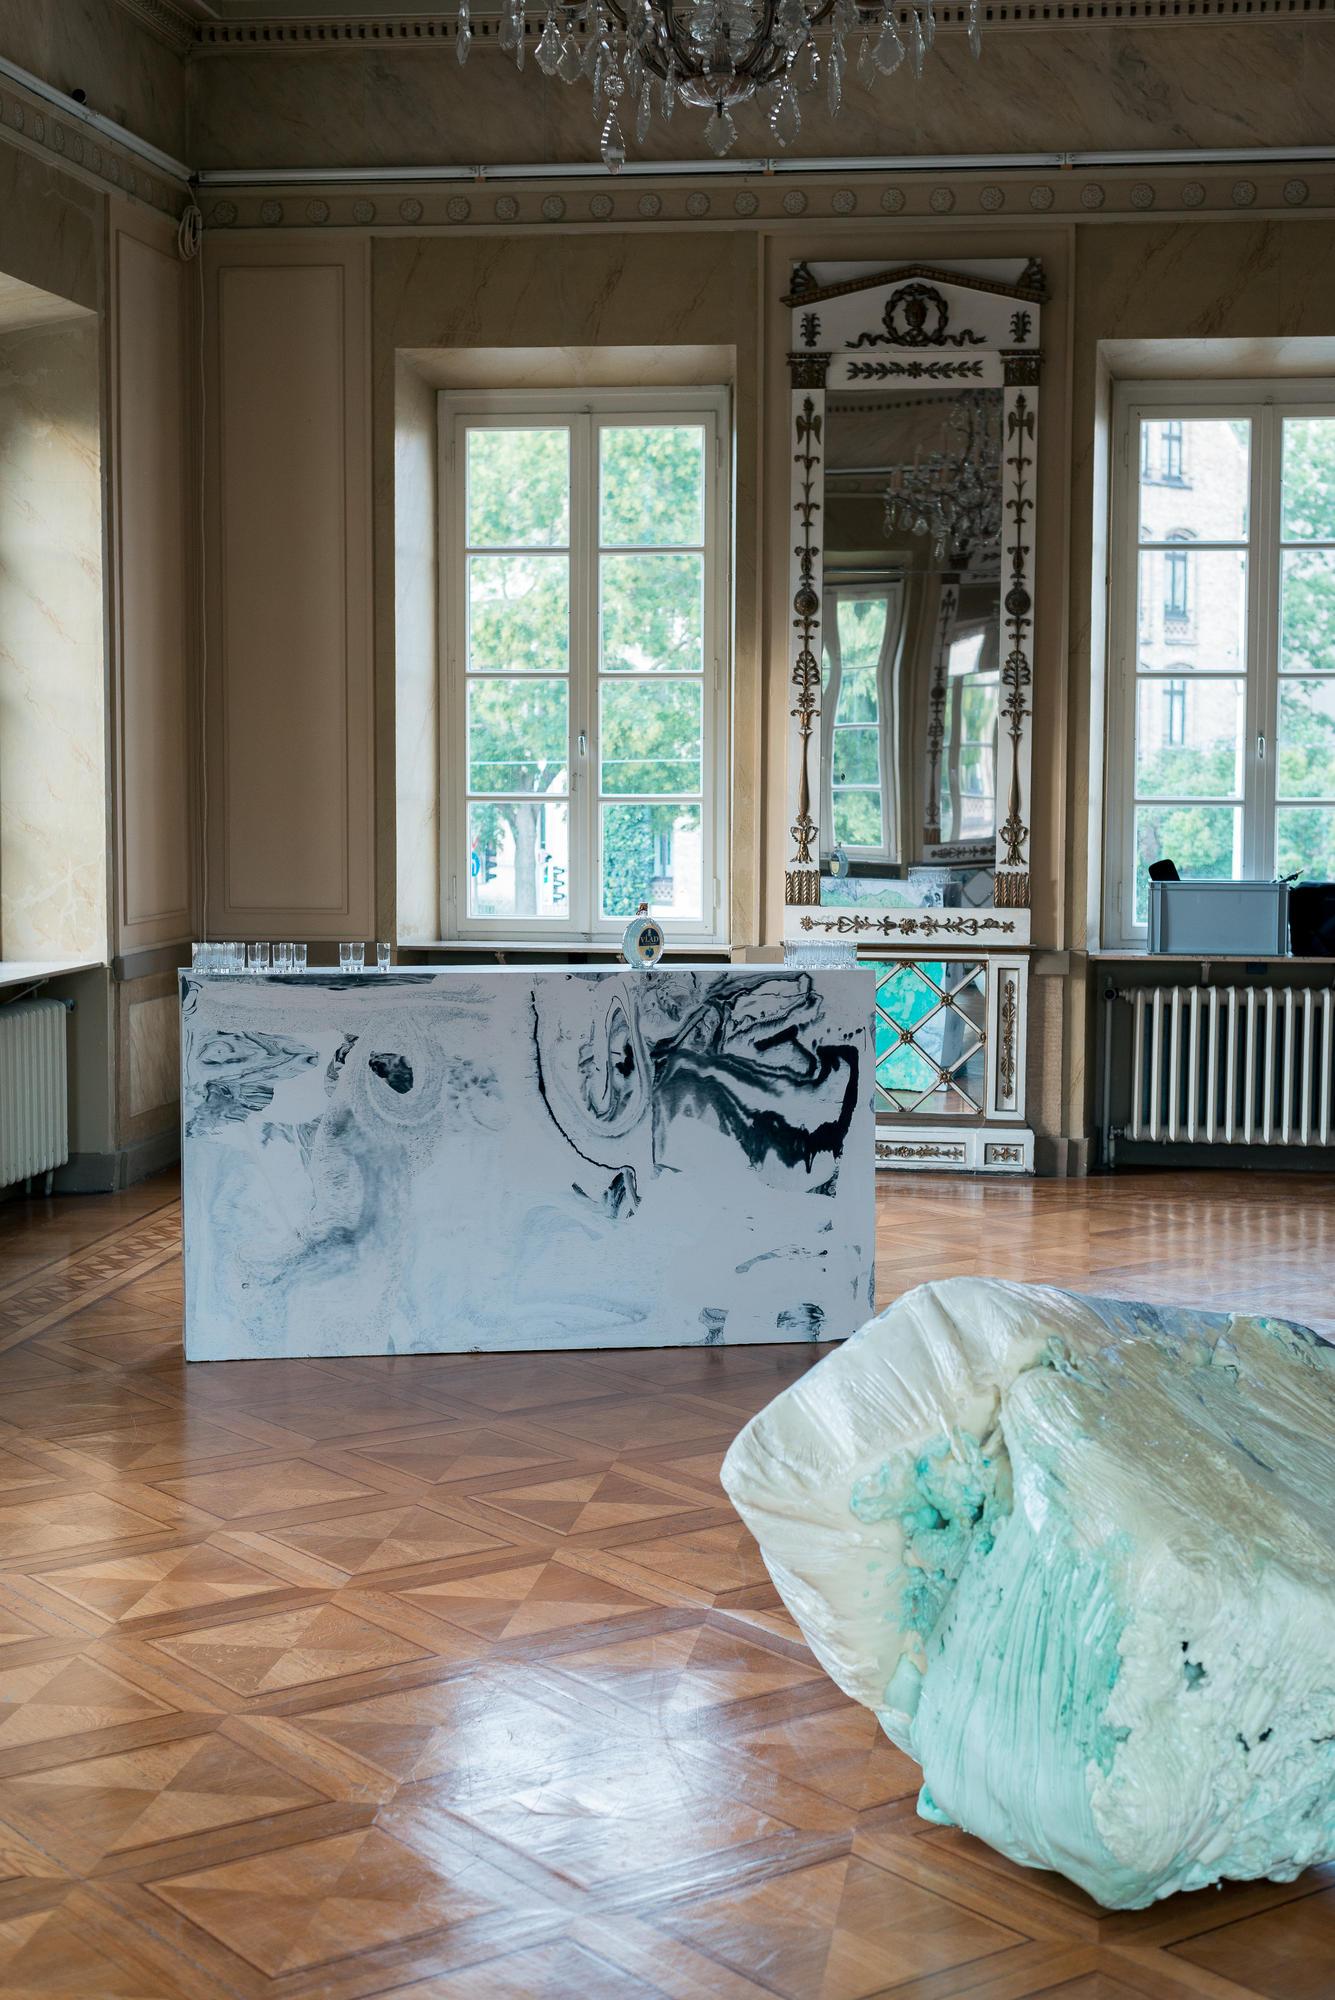 Open House at Kunstverein Braunschweig_Peles Empire 2